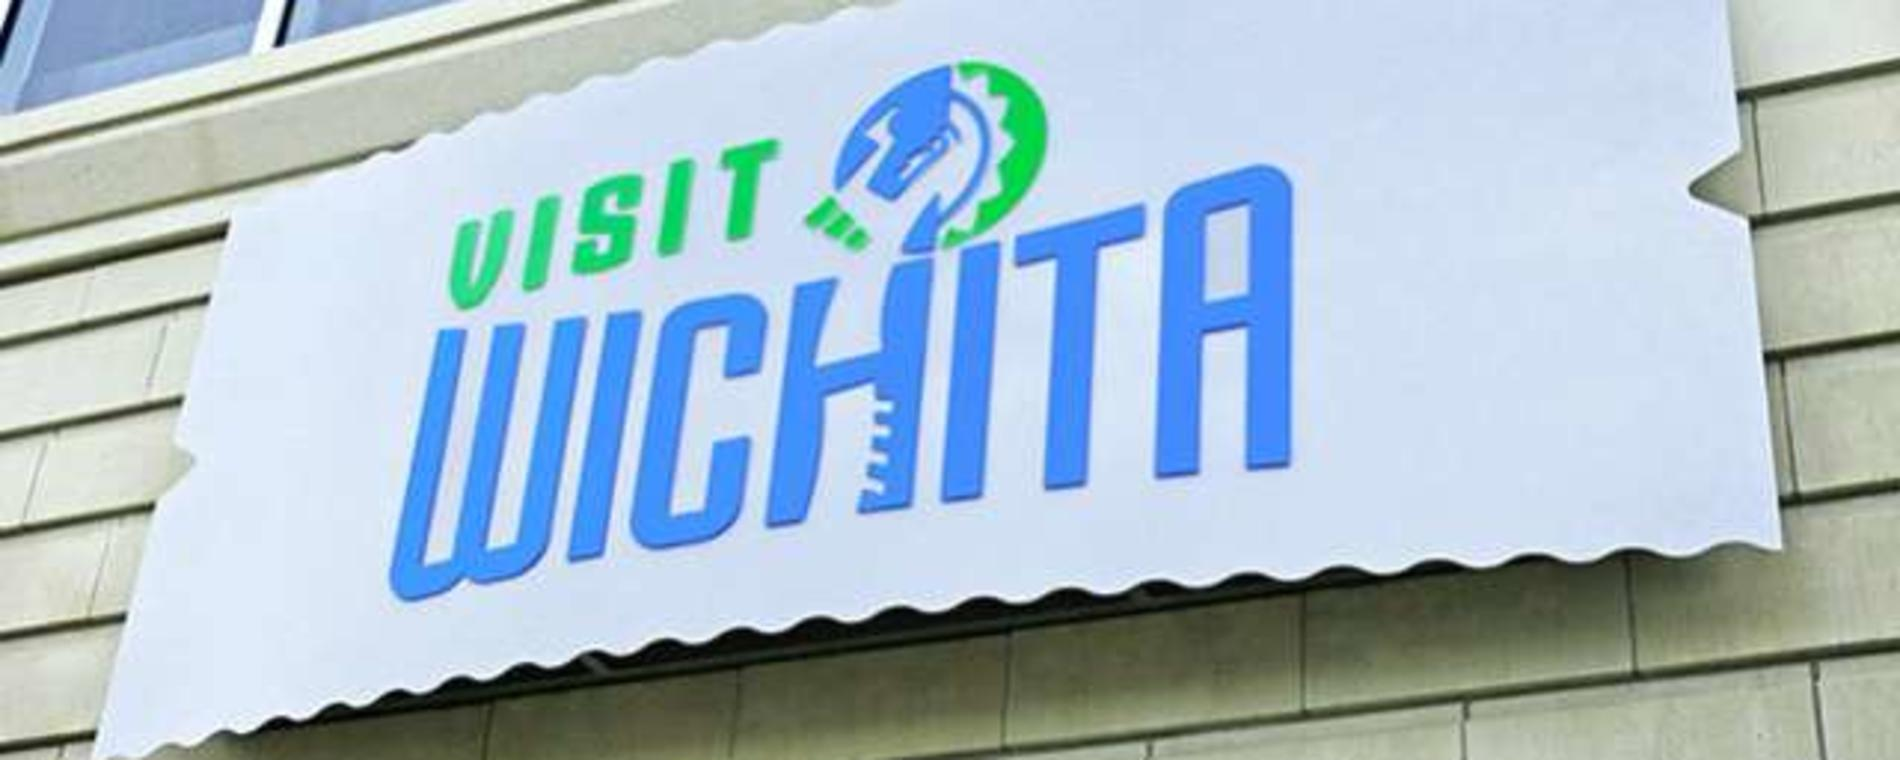 Visit Wichita Office